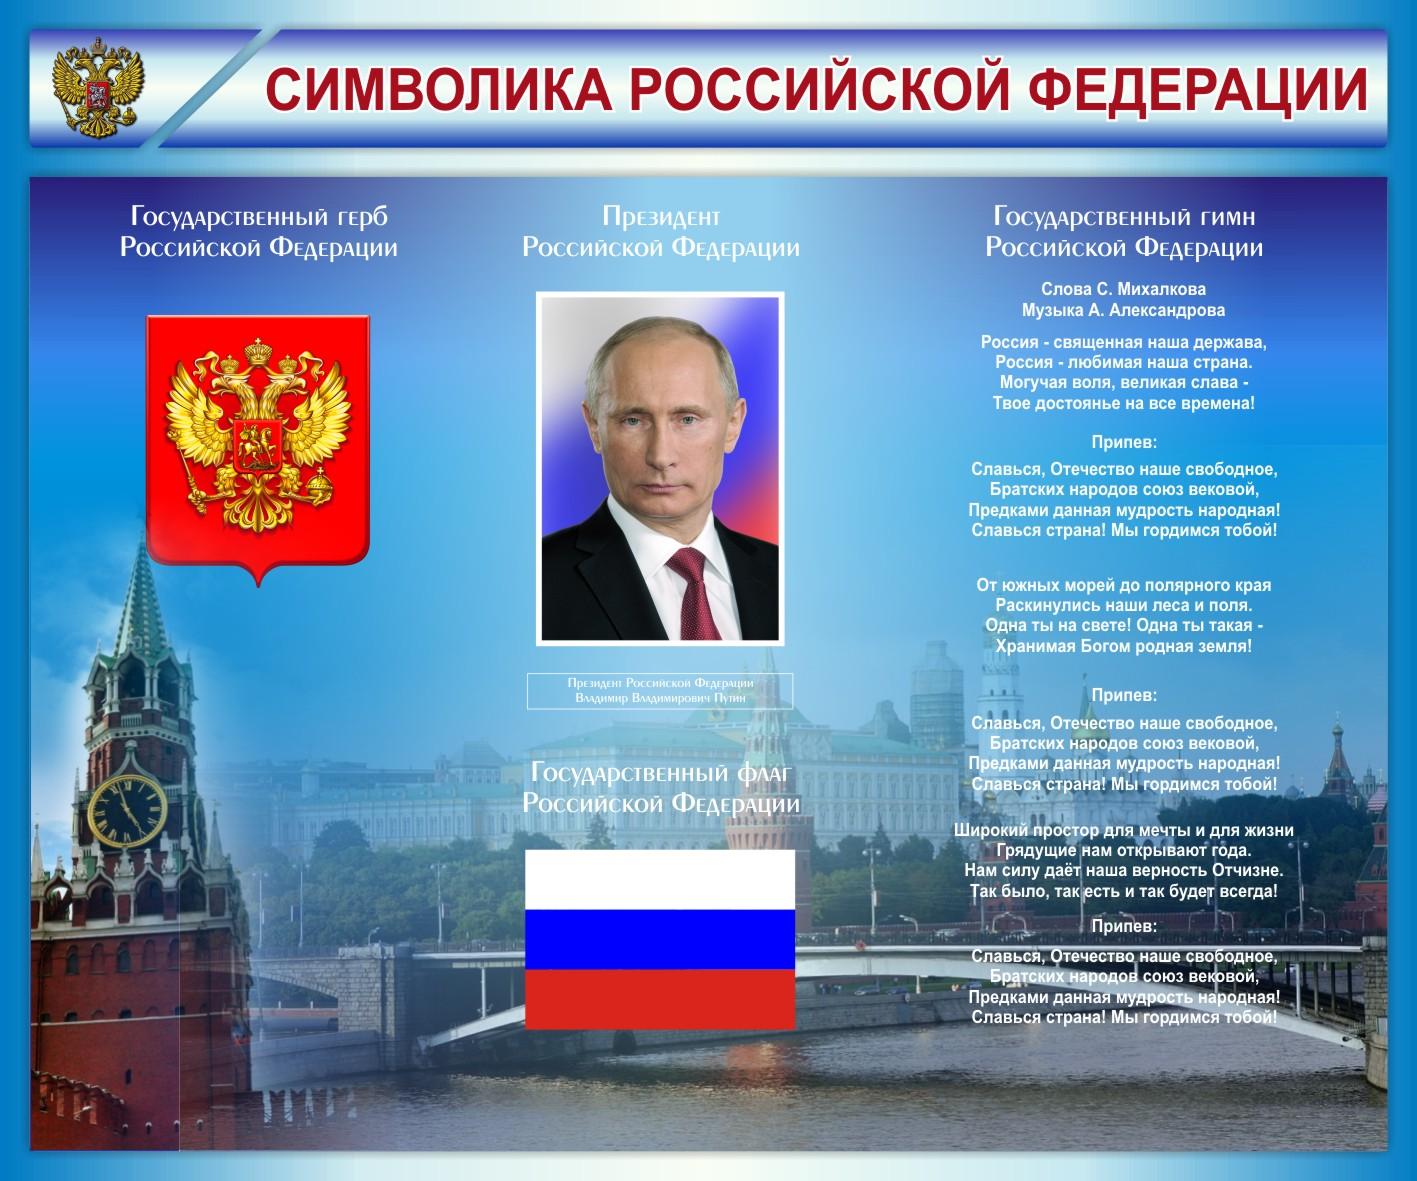 стенд Символика Российской Федерации